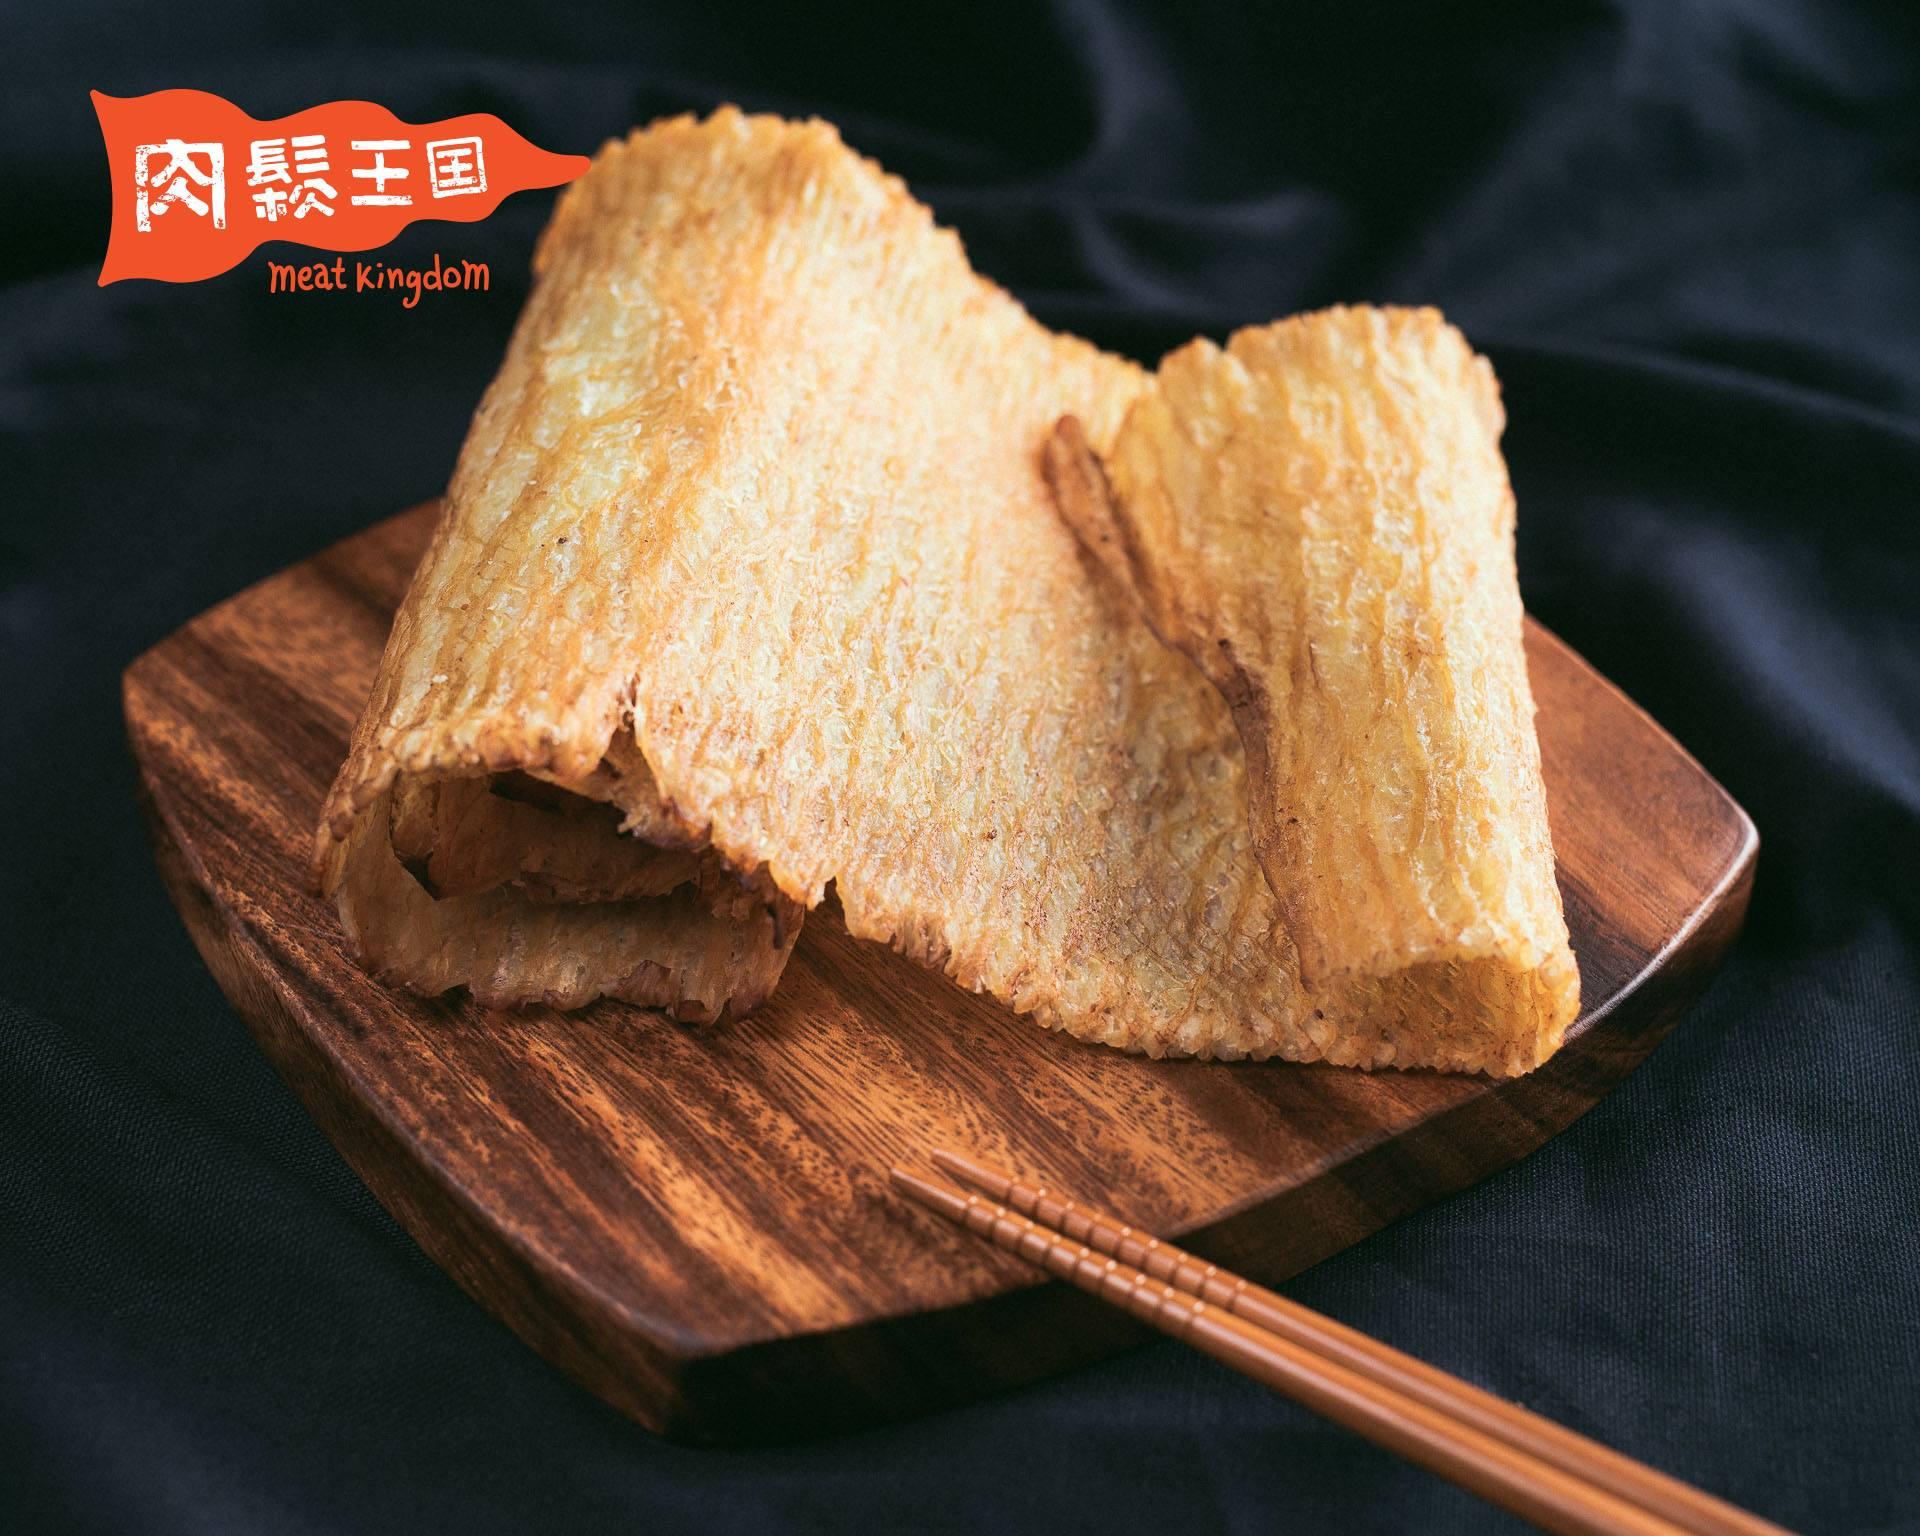 肉鬆王國 『碳烤魷魚片』☞手撕更有趣☞國王放鬆包 75g±10g